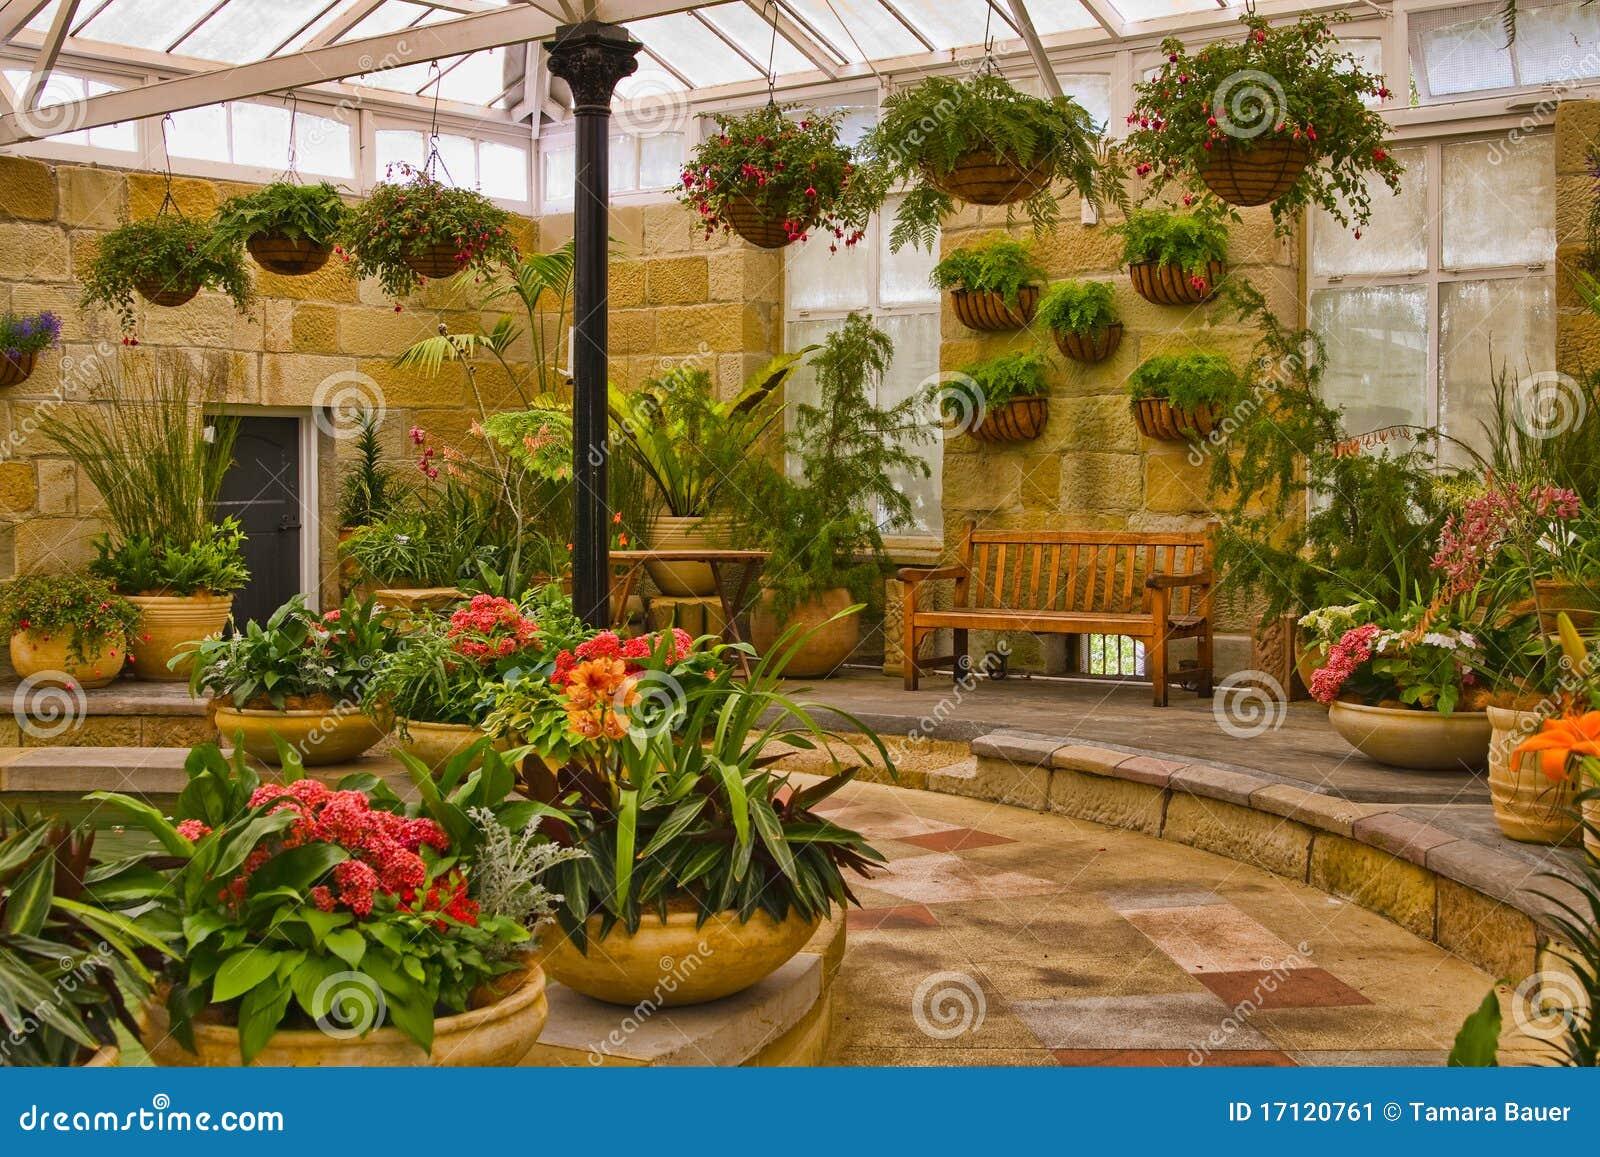 zone sc nique de jardin d 39 int rieur image stock image 17120761. Black Bedroom Furniture Sets. Home Design Ideas